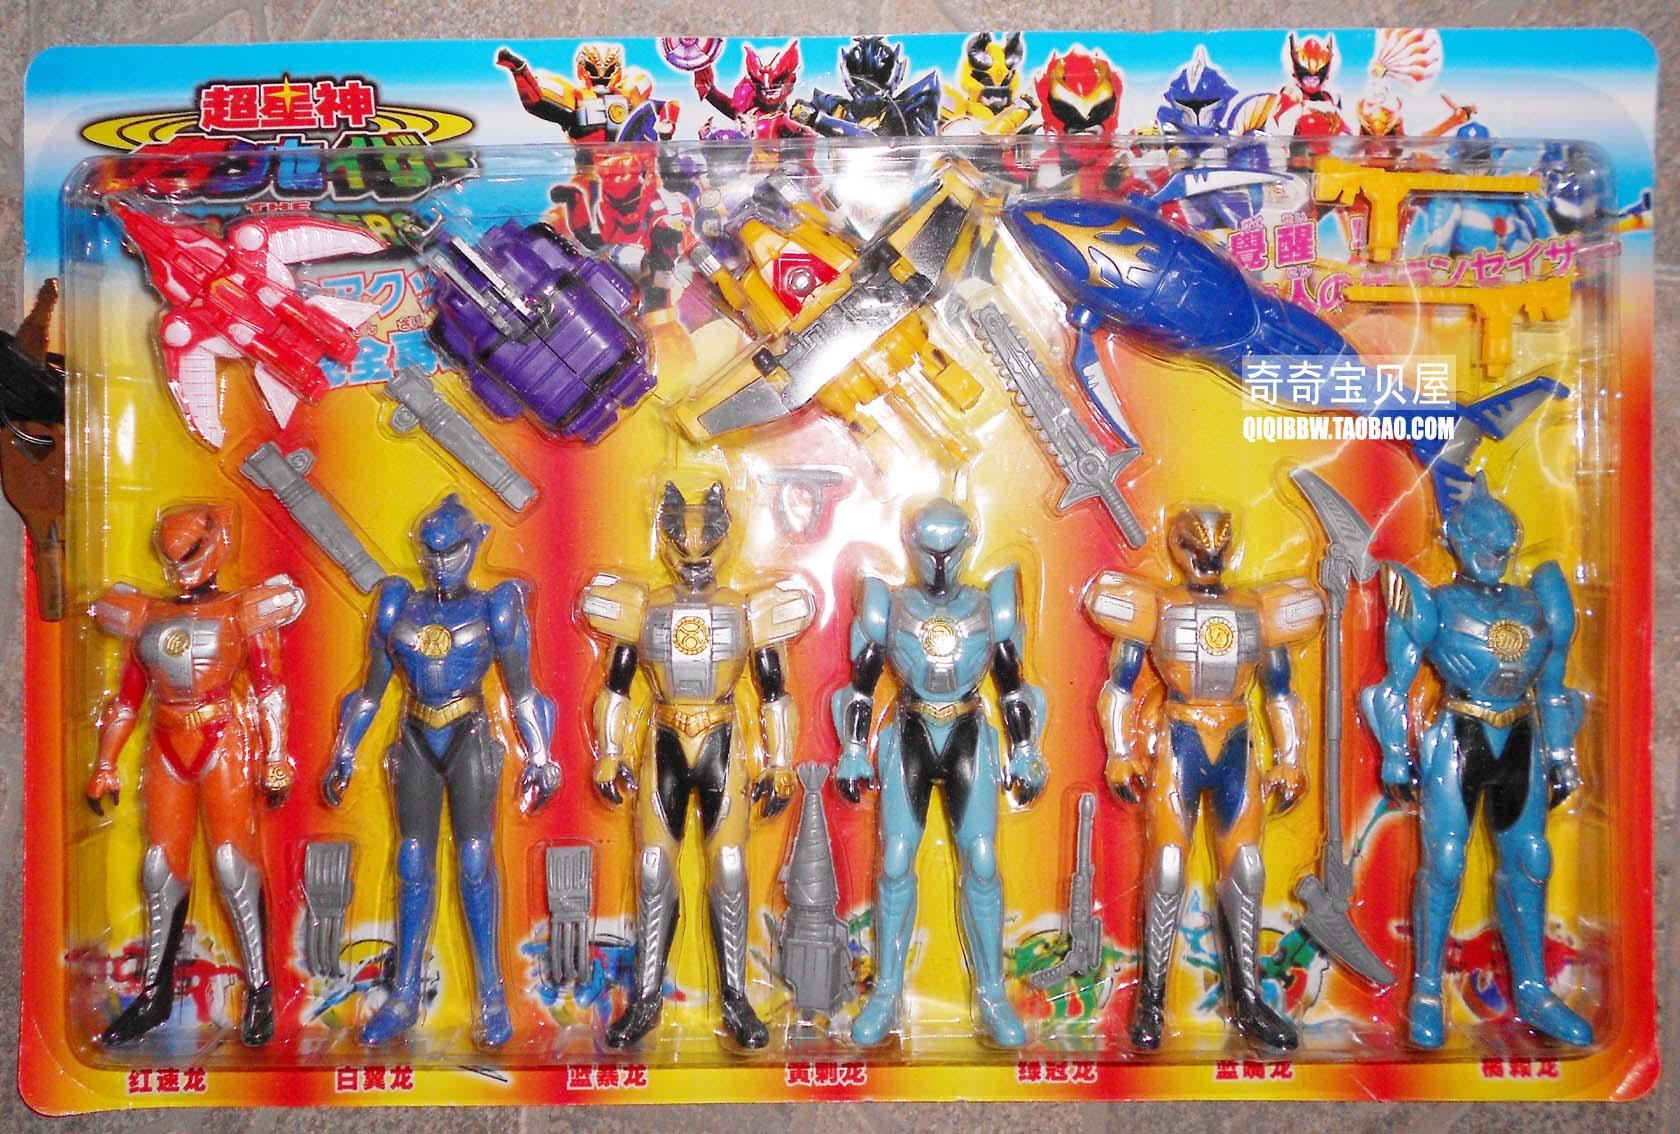 超星神闪光超人2232战士集合恐龙特攻队超龙神关节可动益智玩具商品